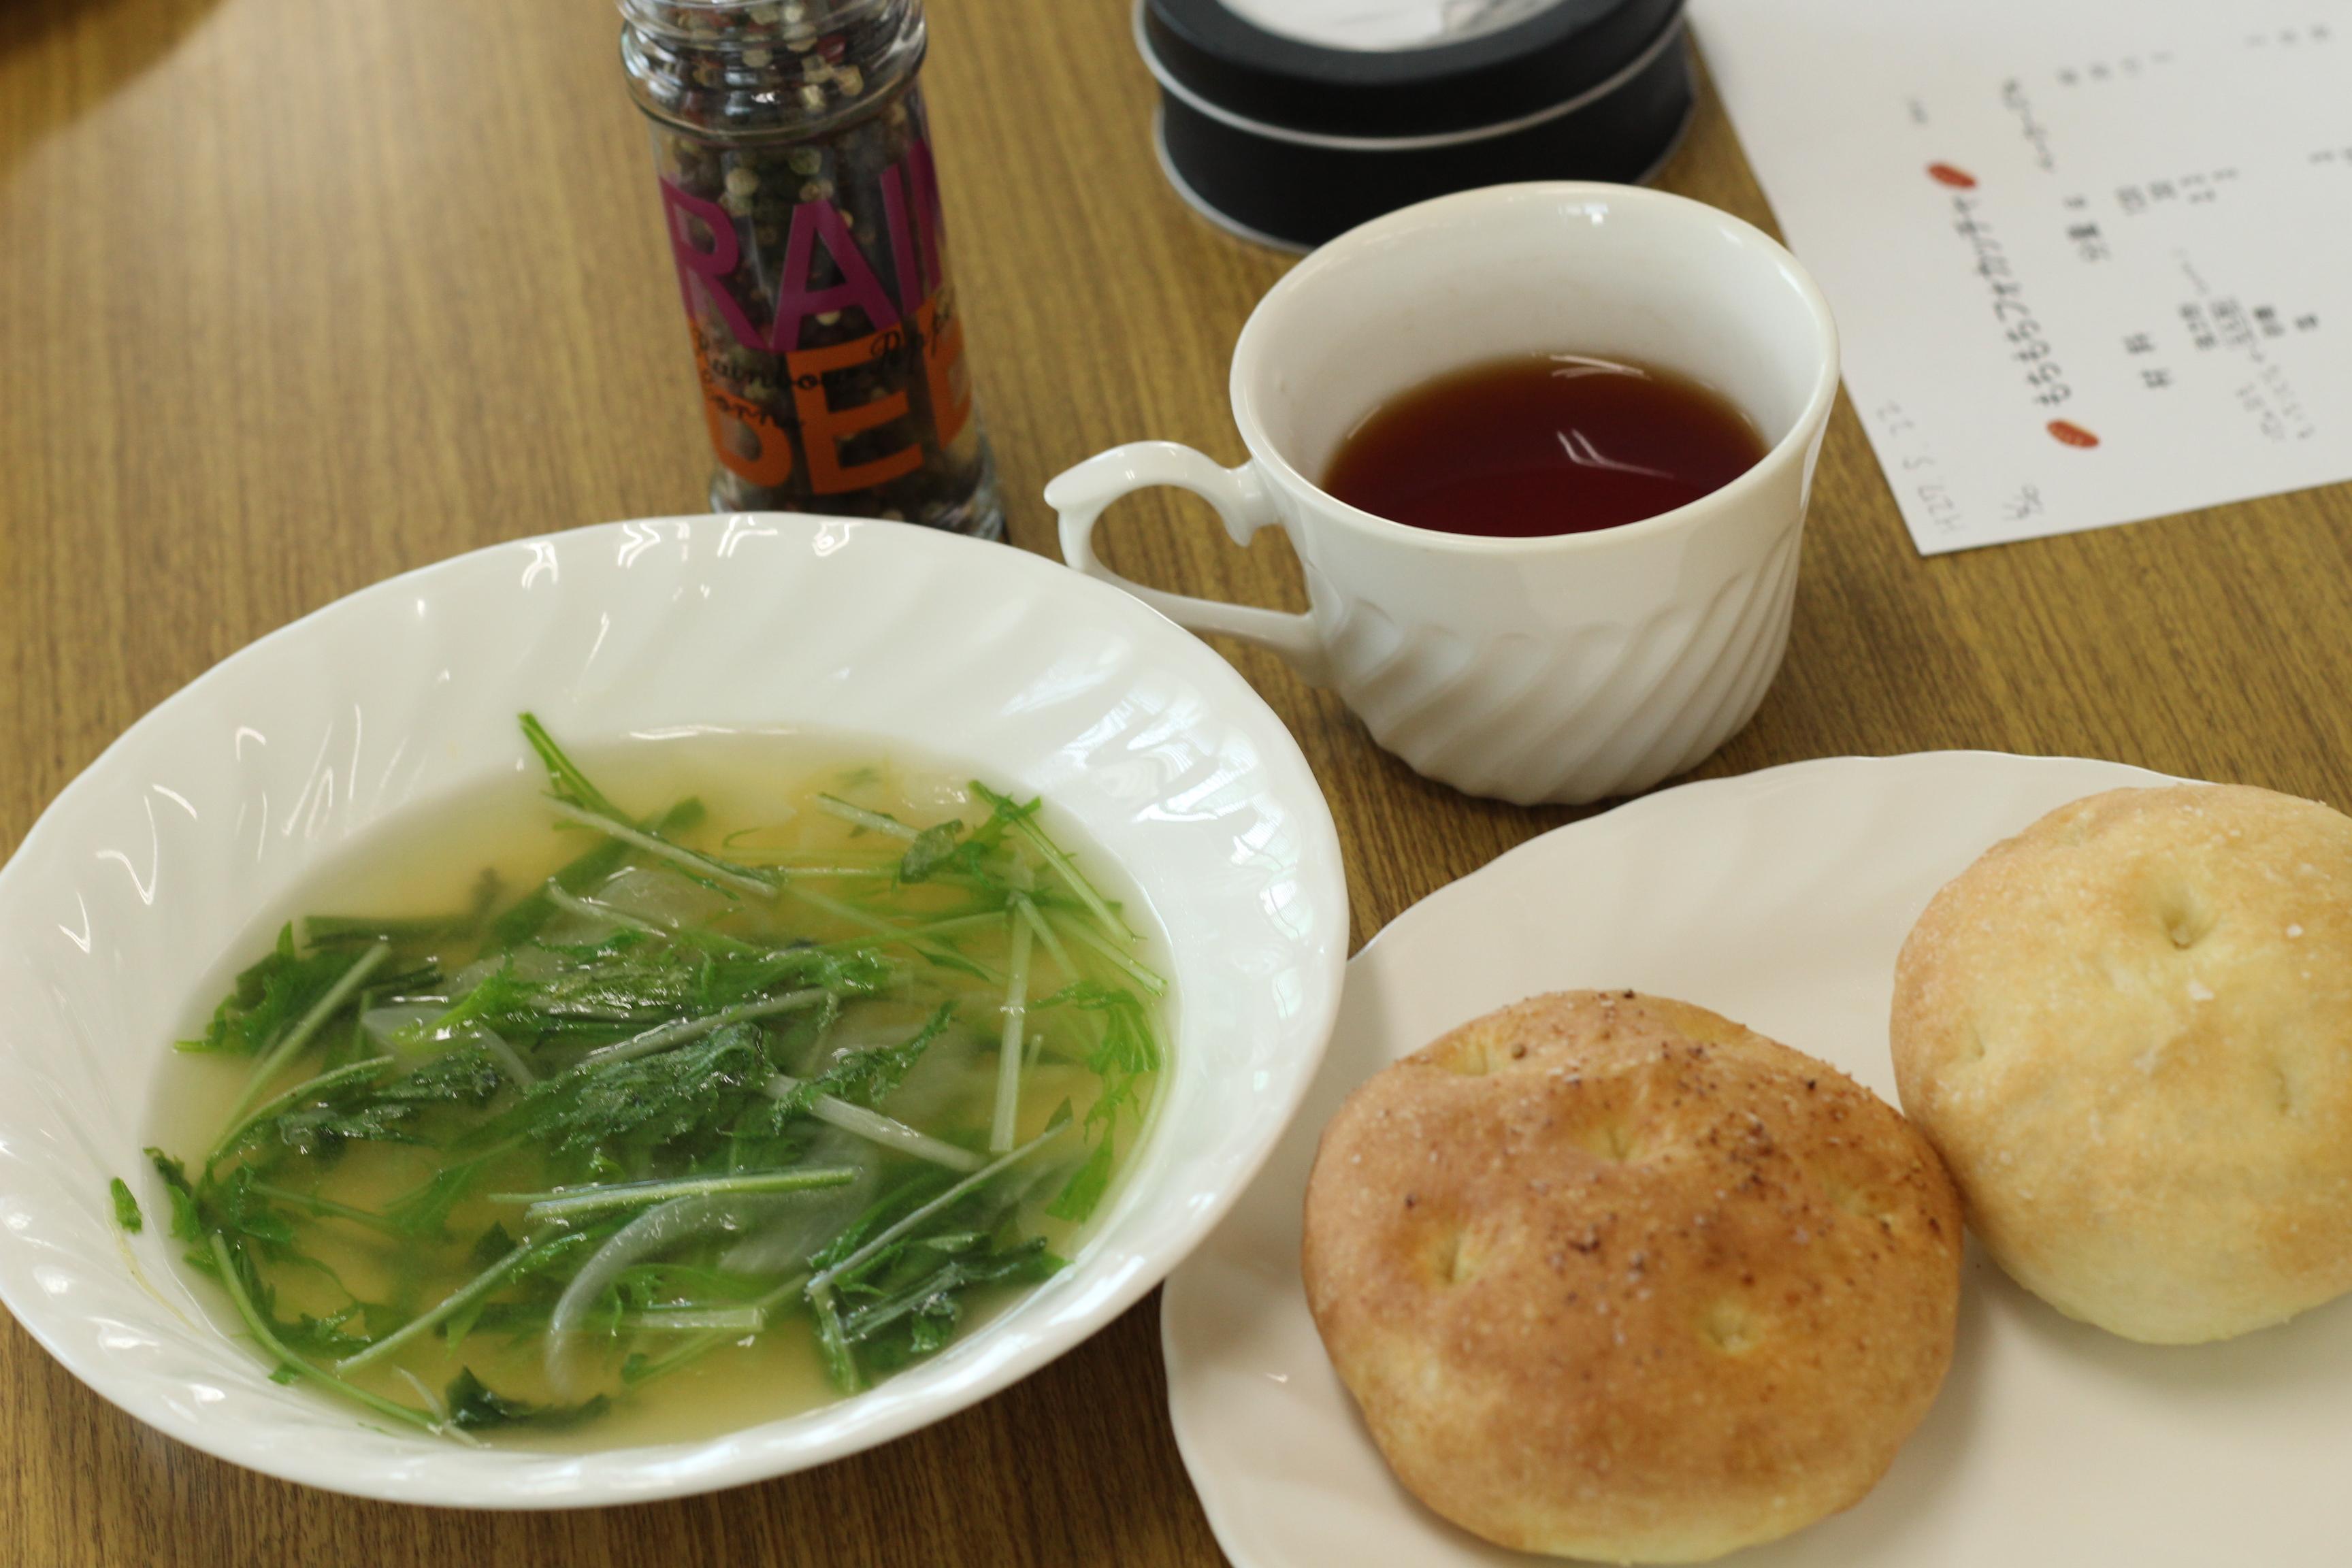 阿倍野区西田辺a-ta-sante糖質制限パン料理教室。会館でのレッスン、インスタントドライイーストでもちもちフォカッチャ。